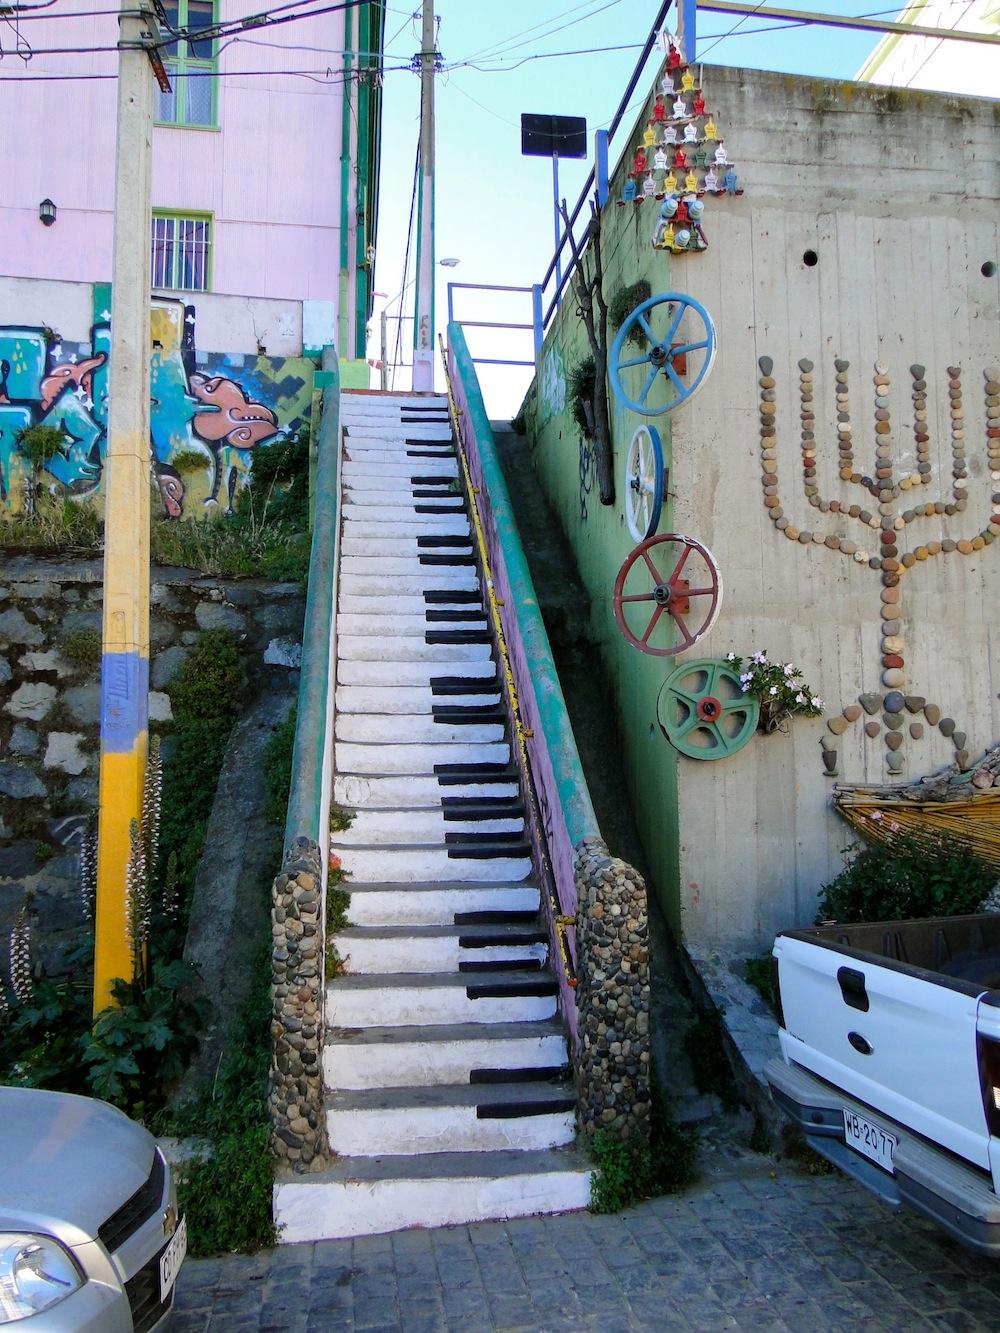 Street Art in Valparaiso, Chile